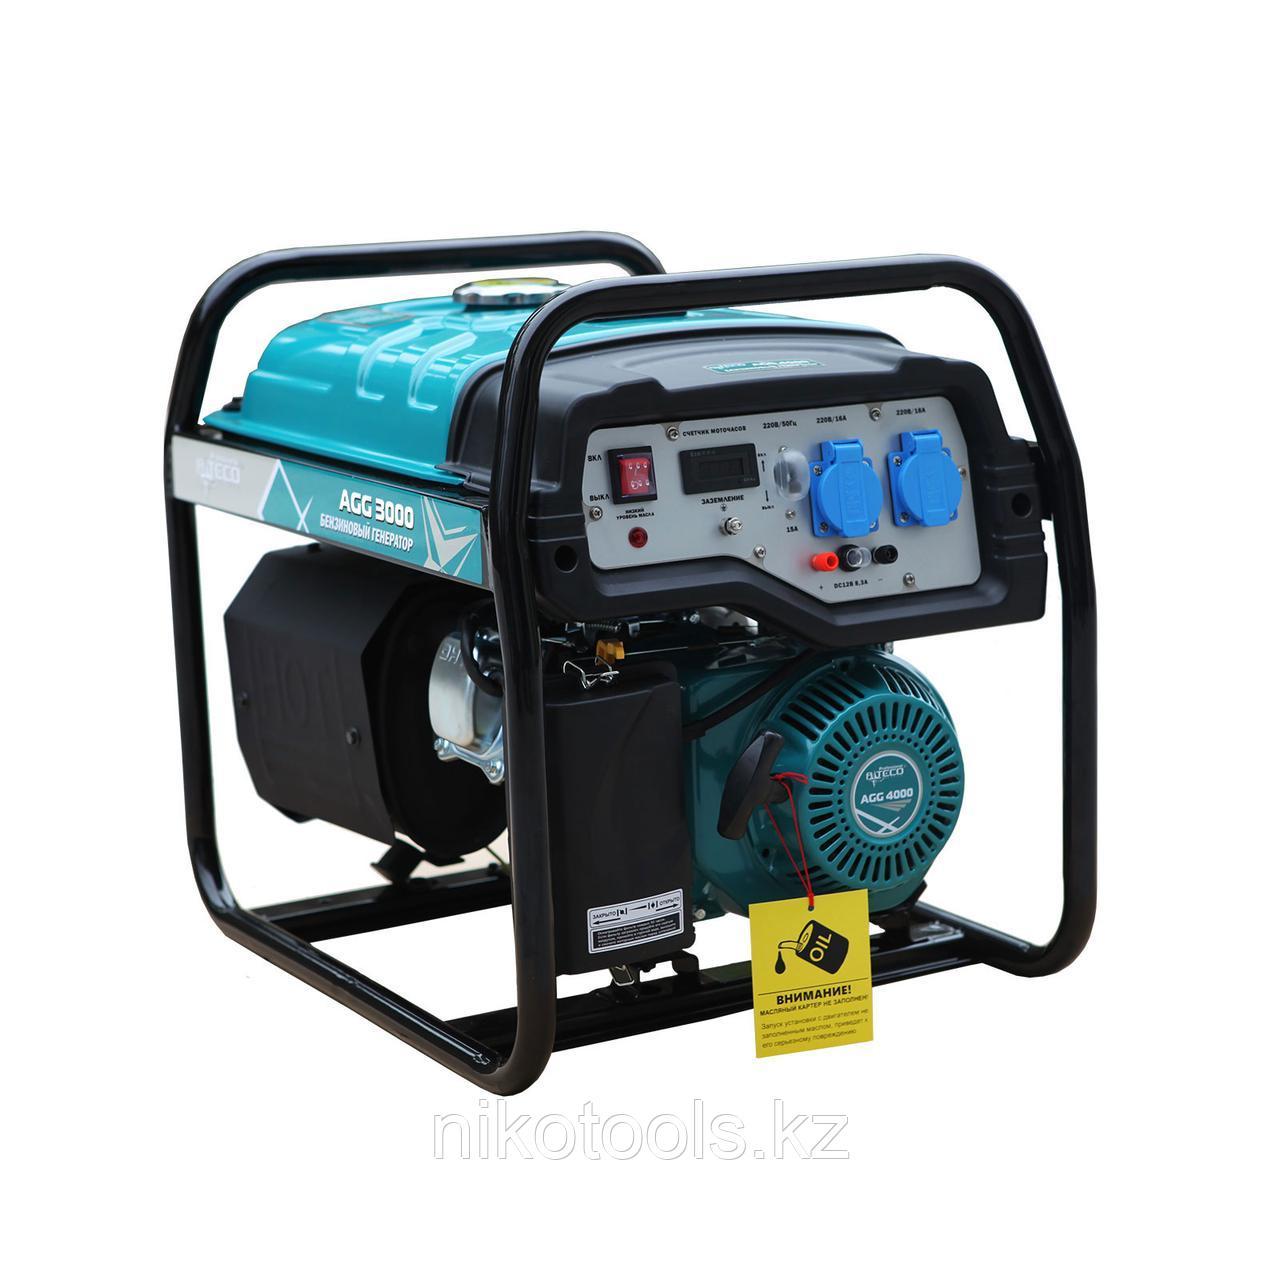 Бензиновый генератор ALTECO AGG 3000 Mstart (пусковая мощность 5.5 кВт)